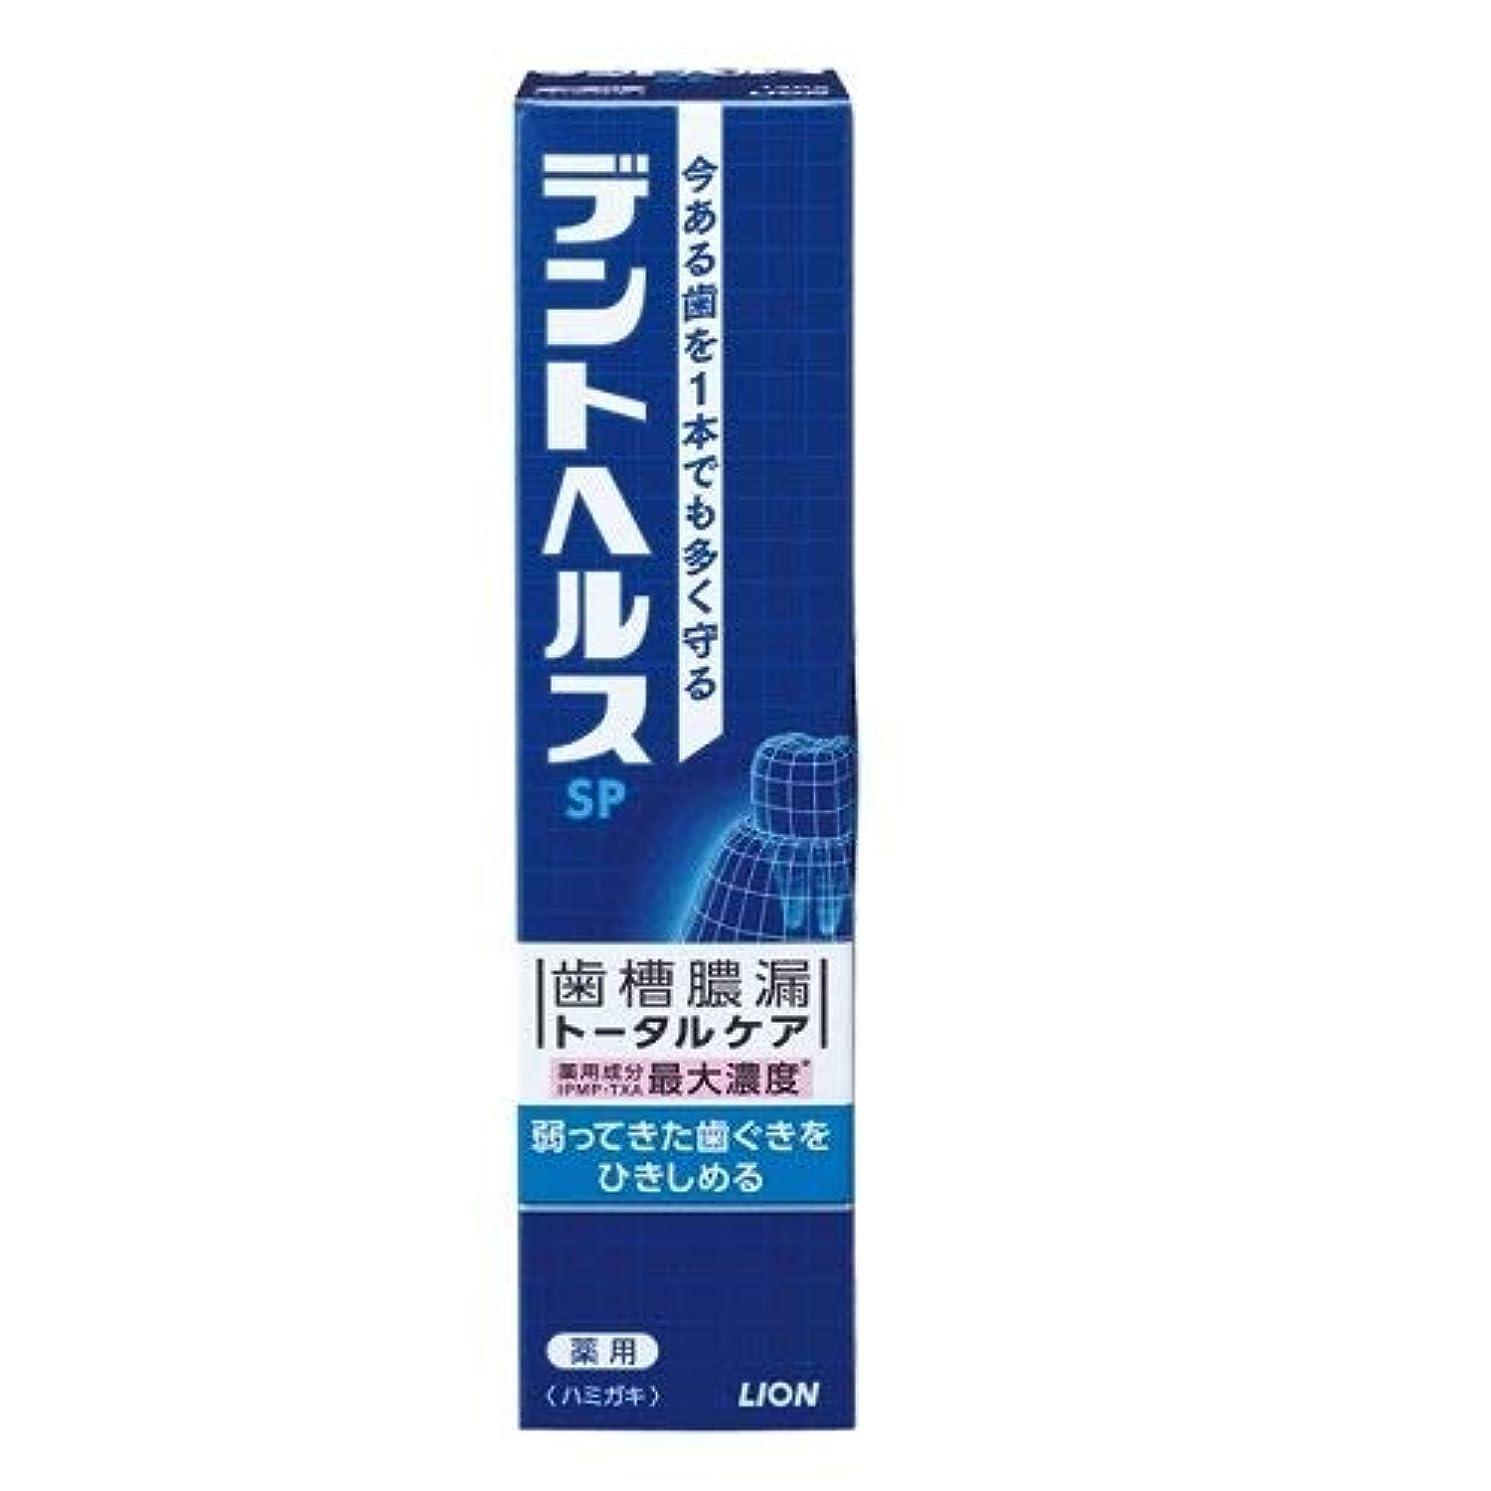 セーターシールド縮れたライオン デントヘルス 薬用ハミガキ SP 120g (医薬部外品)× 4